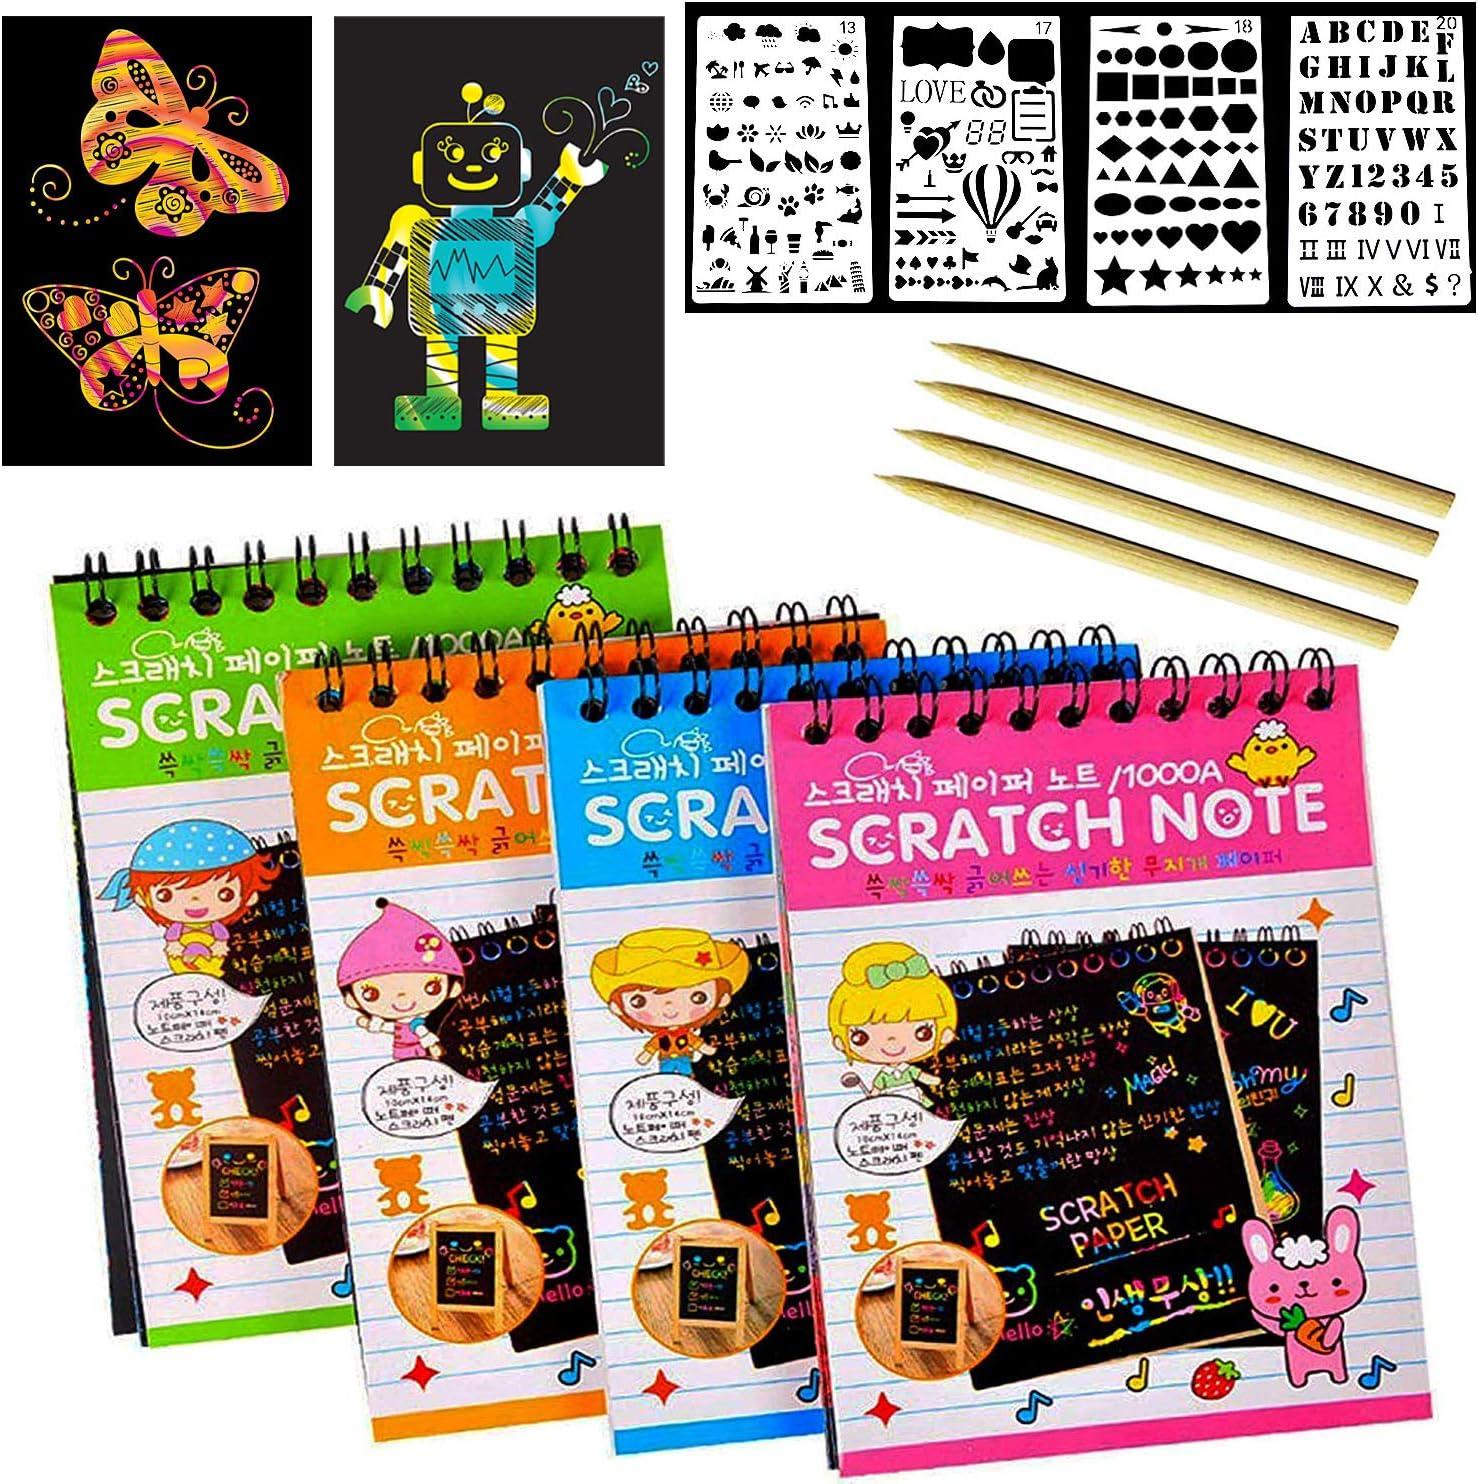 YFOX Dibujos de Arte Raspar Papel de Nota 40 Papel de rascar Arcoiris, Adecuado para Manualidades Infantiles para Hacer Pinturas y Graffiti: Amazon.es: Juguetes y juegos